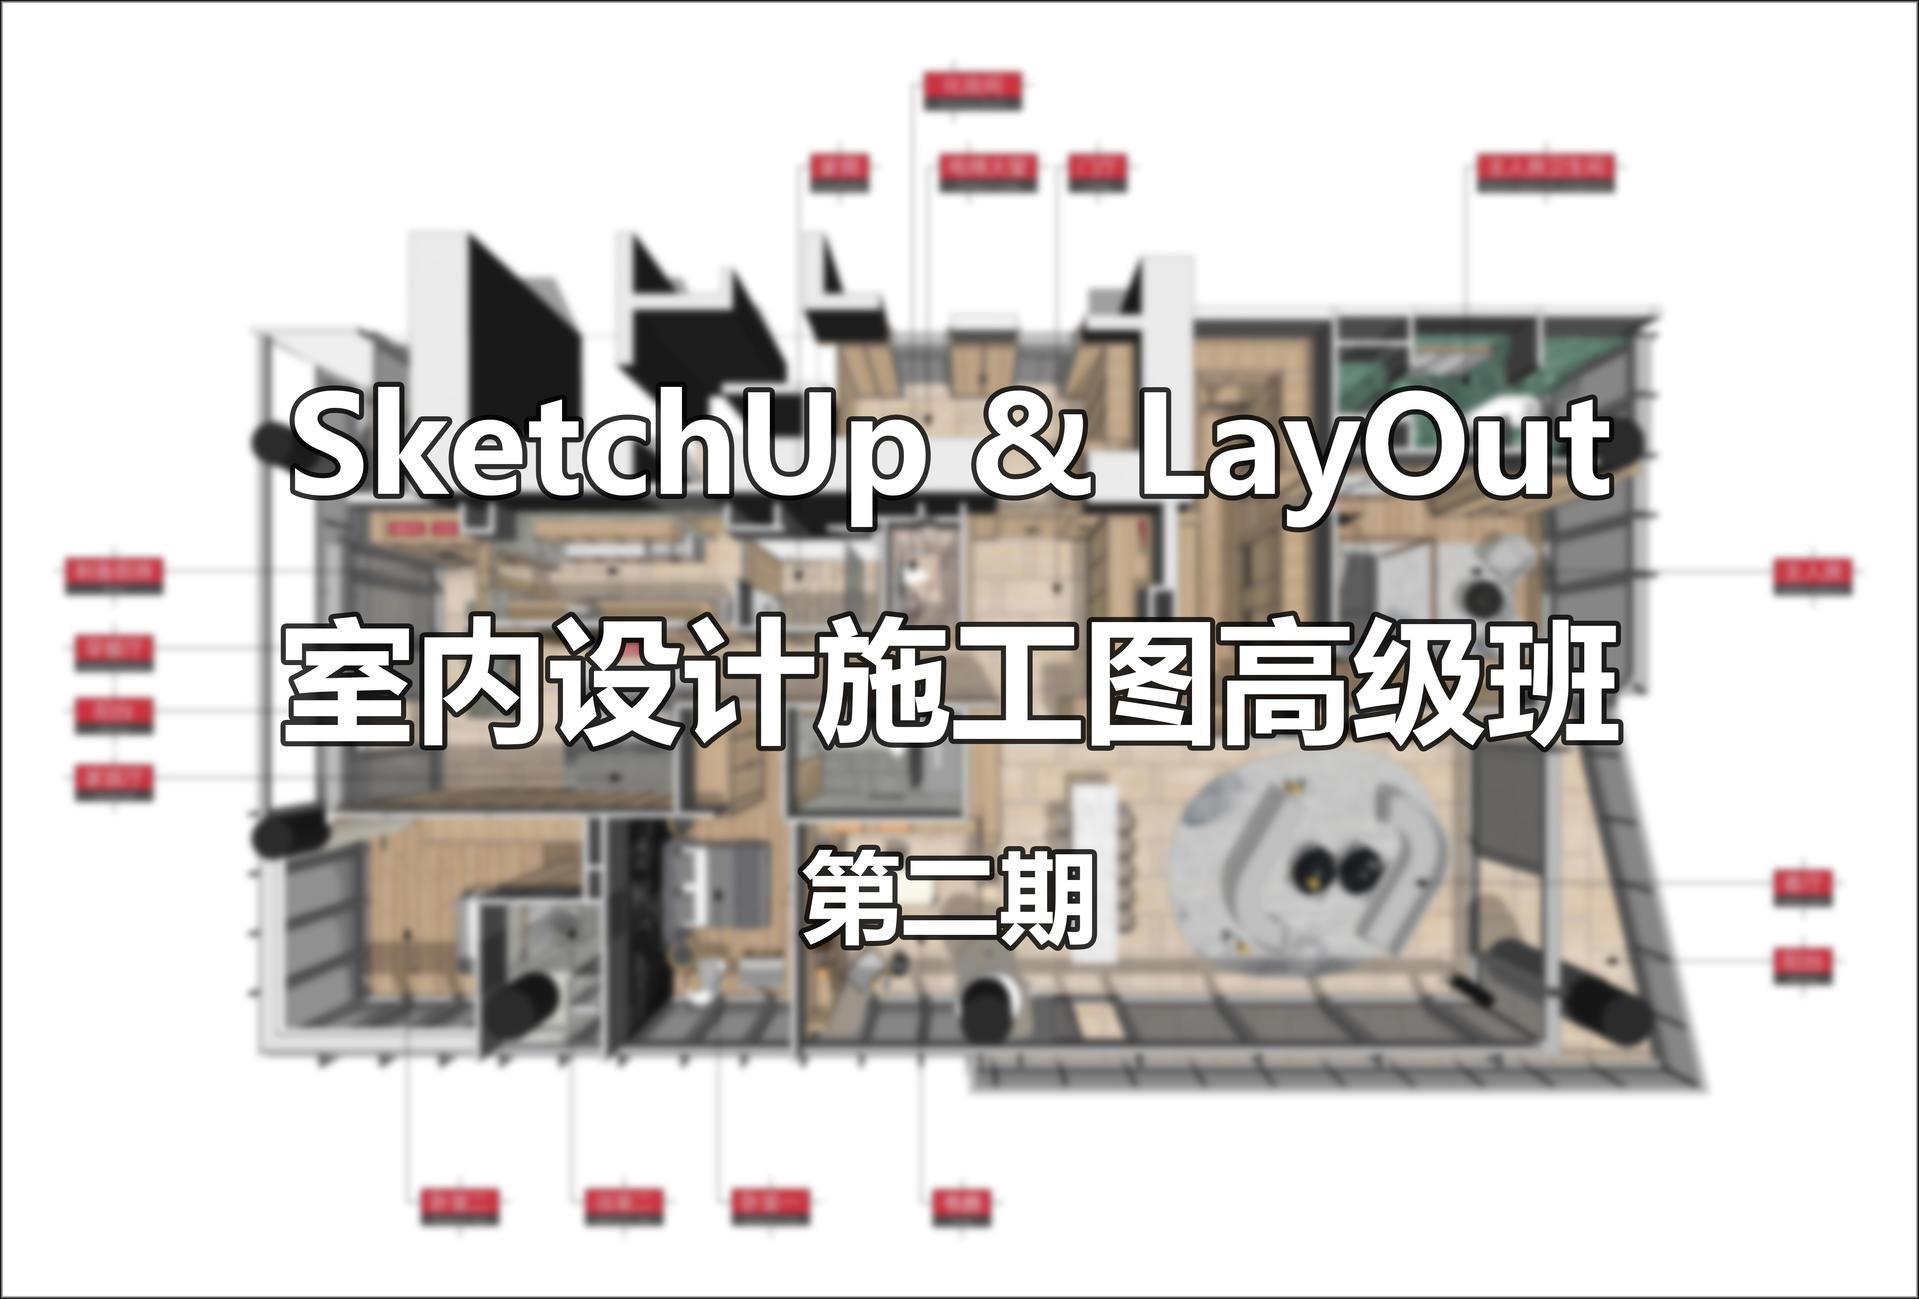 【D15】活力网Layout高级班二期(完整版)快速表达设计构思与细部深化